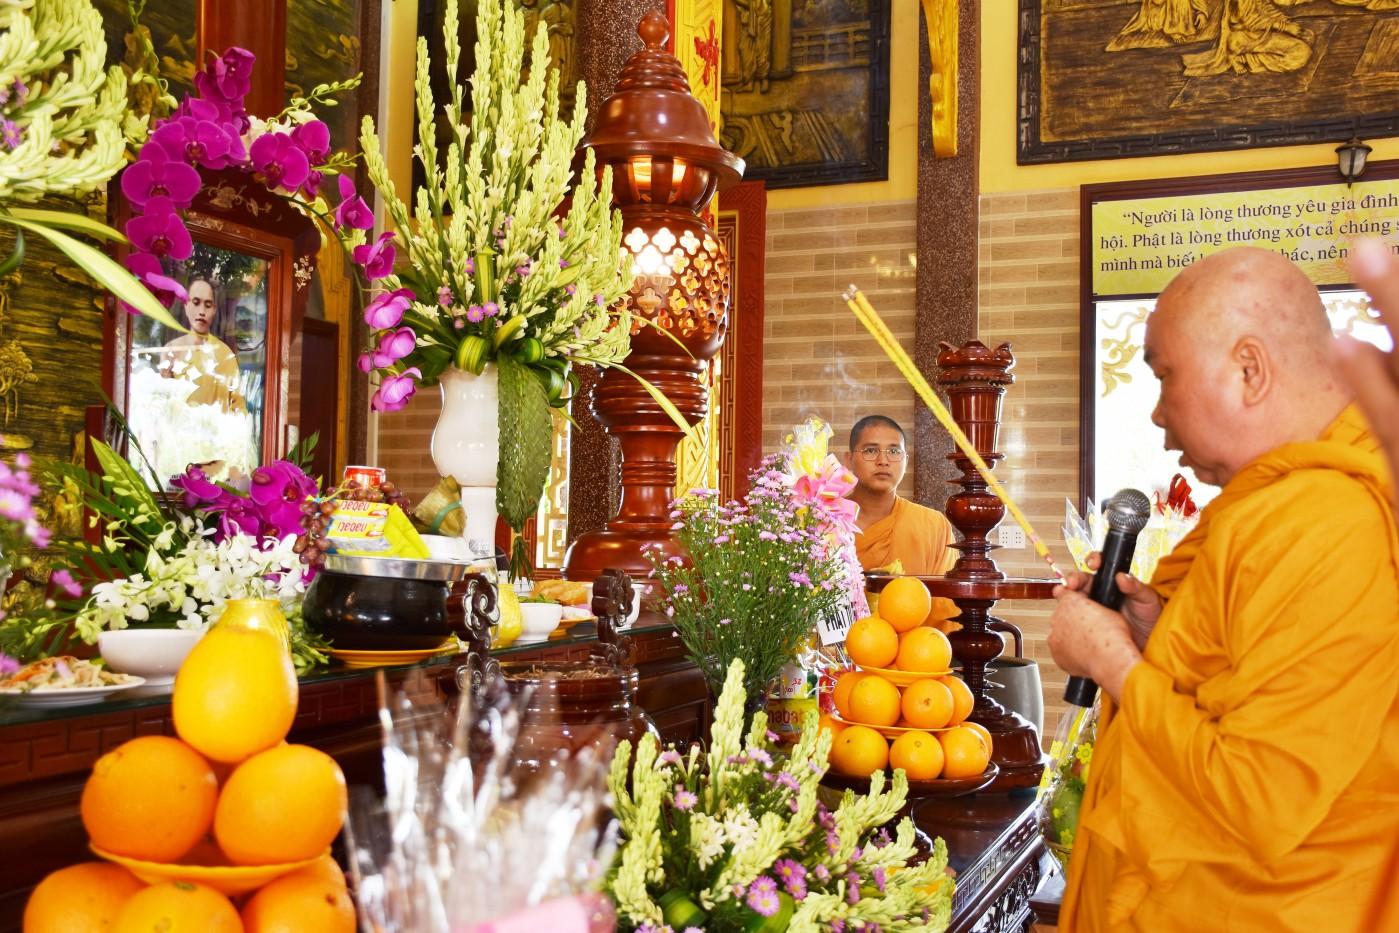 Tịnh xá Ngọc Chơn lễ giỗ 32 năm Cố Thượng tọa Giác Đính viên tịch